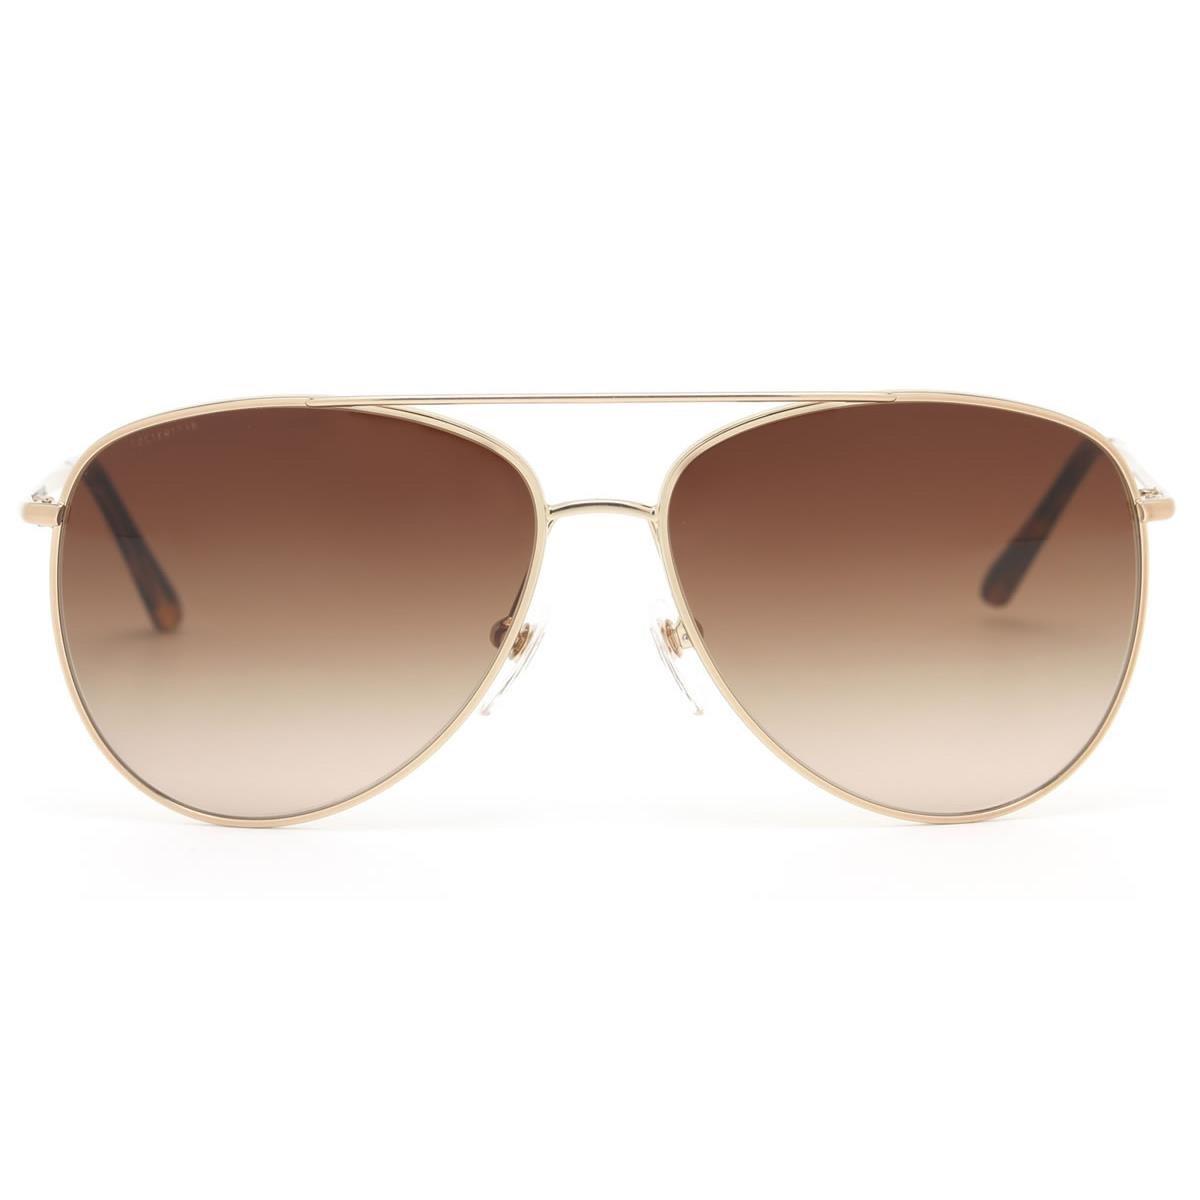 6092c4f85e5f1 Amazon.com  Burberry BE3072 118913 Gold BE3072 Pilot Sunglasses Lens  Category 3 Size 57mm  Burberry  Shoes